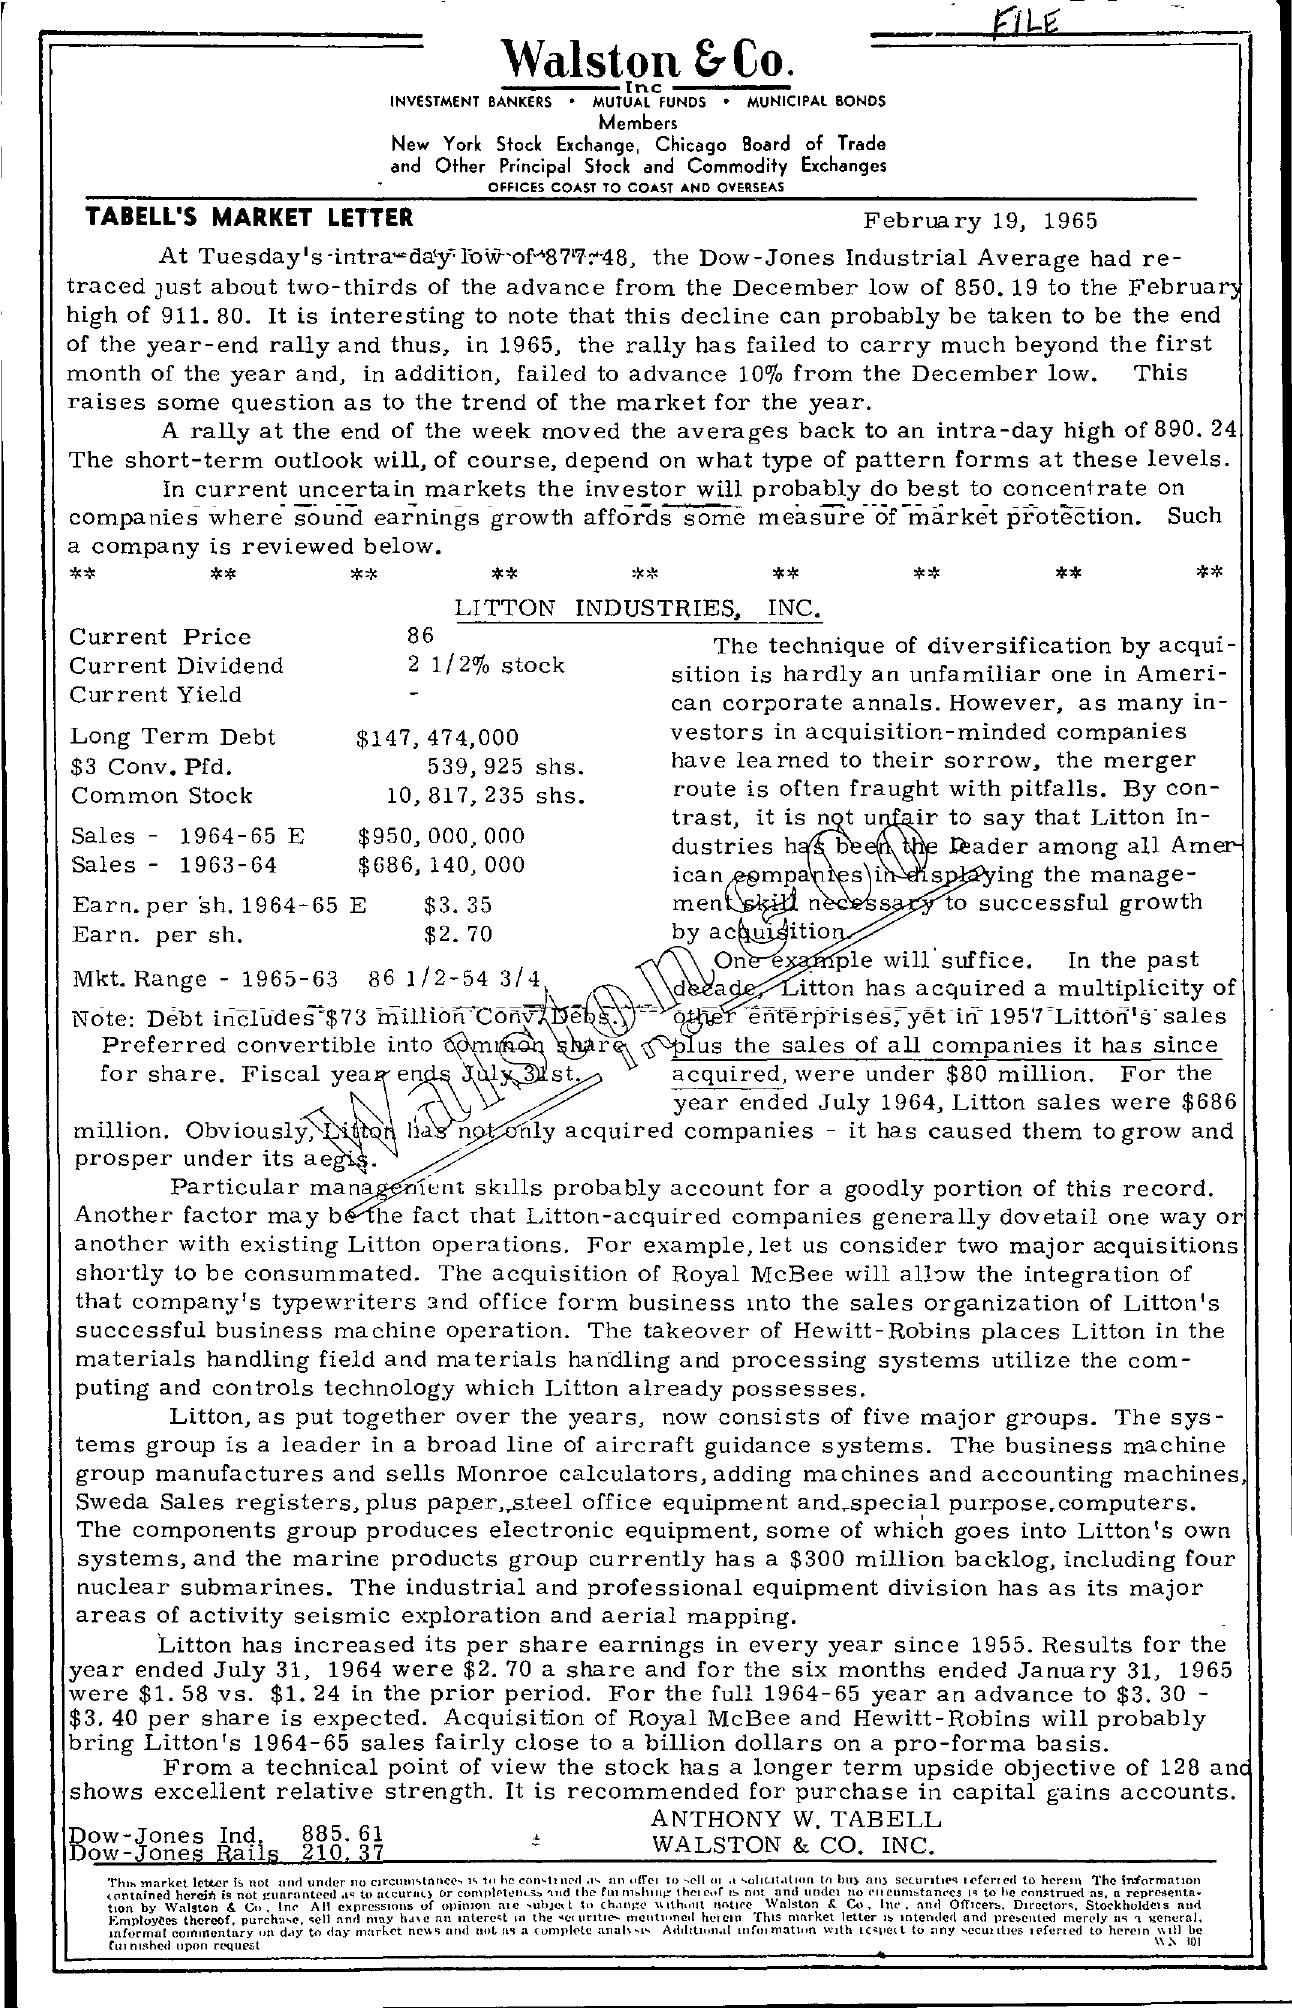 Tabell's Market Letter - February 19, 1965